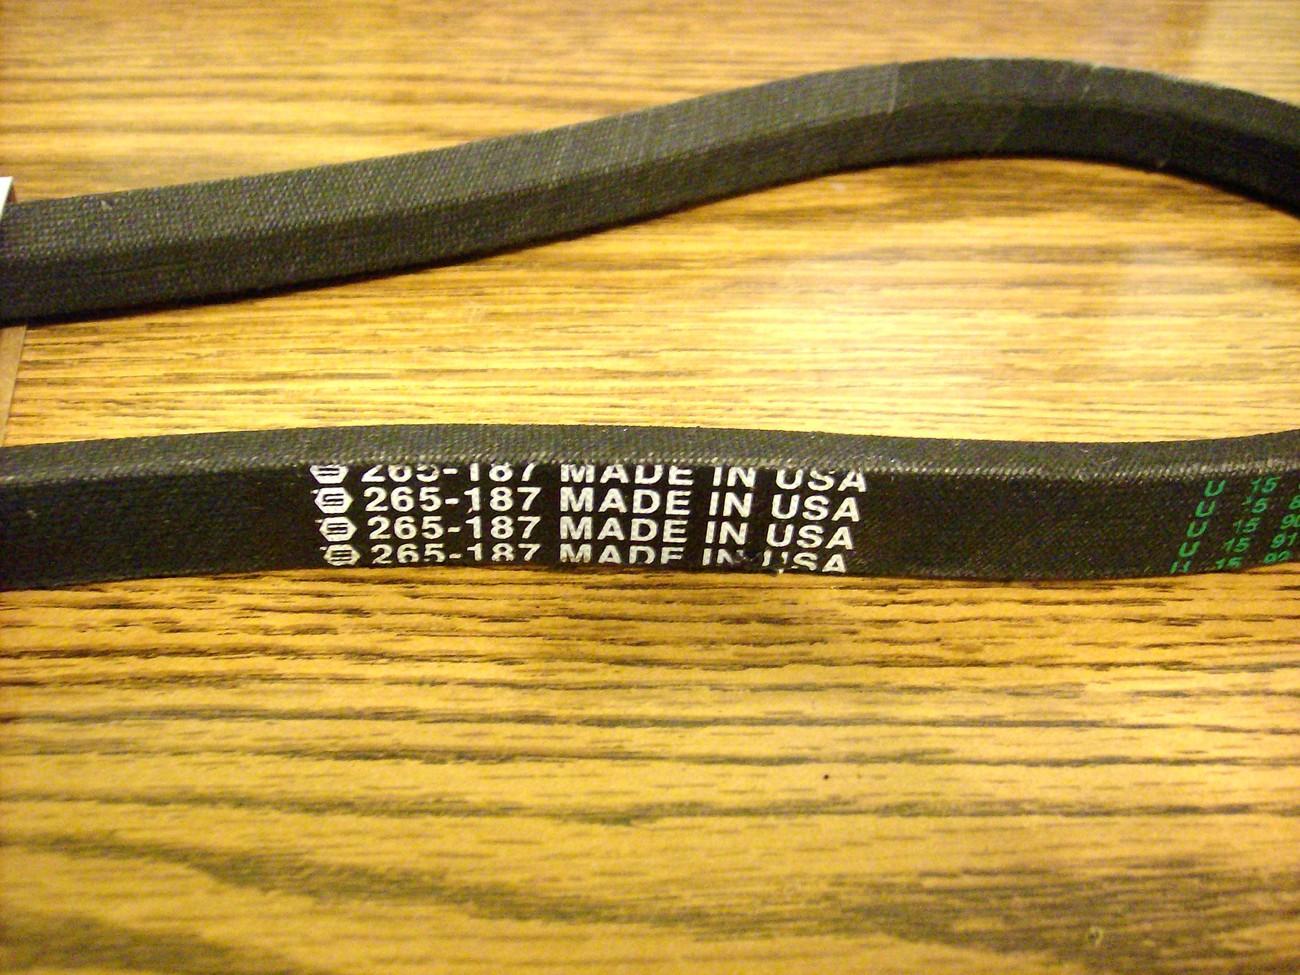 Drive Belt fits Cub Cadet, MTD, Husqvarna 754-04002, 954-04002, 578 45 36-24